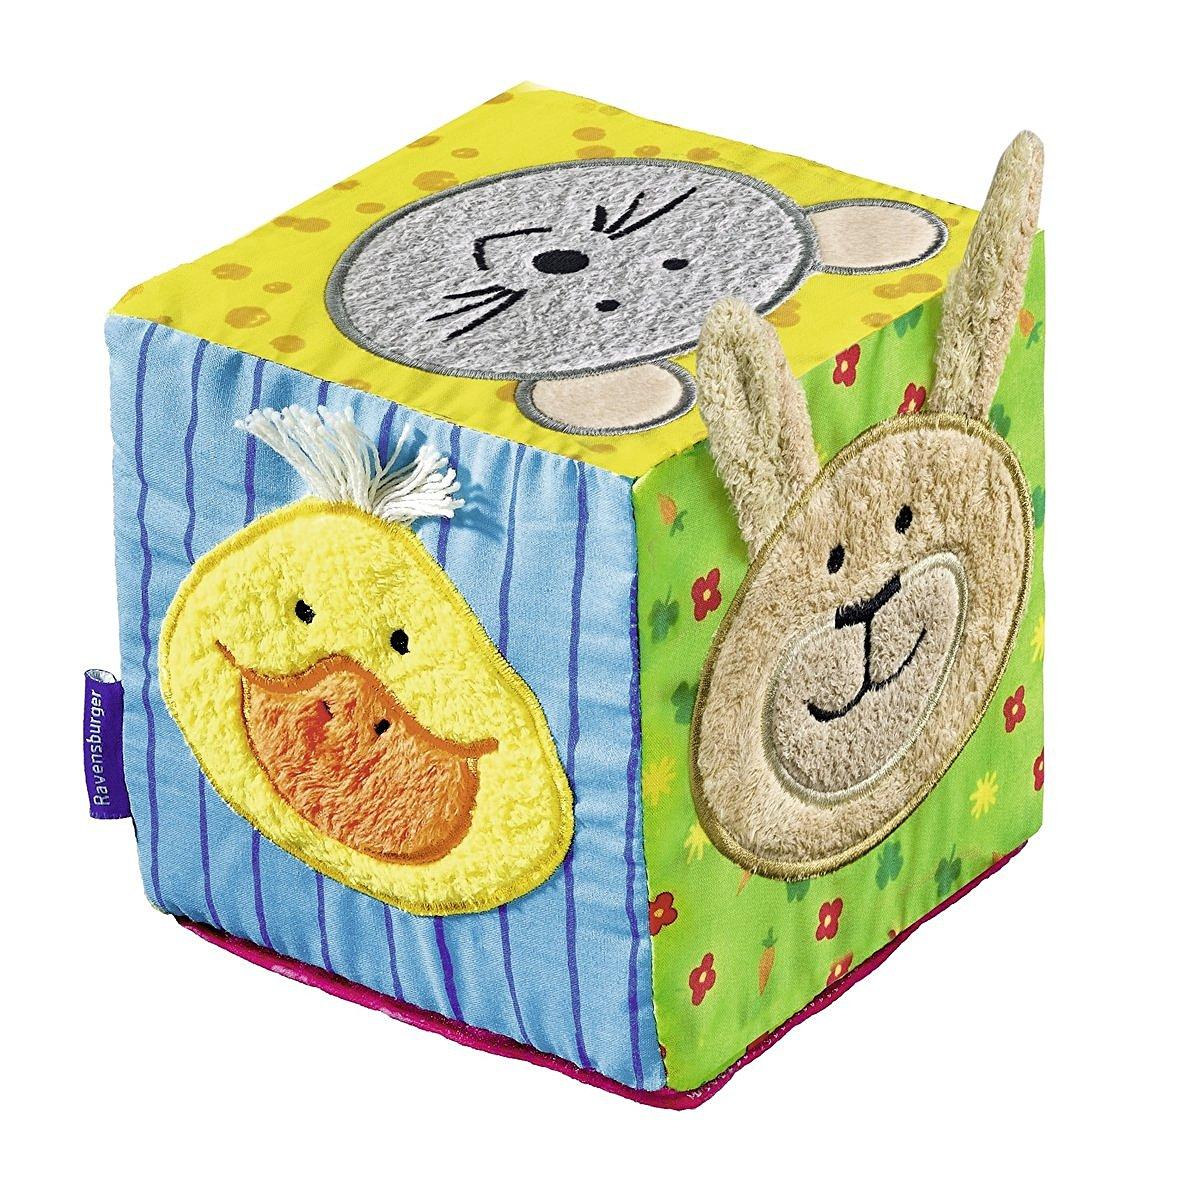 697365 KOSMOS Kinderspiele Soundwürfel Bauernhof Würfel mit Geräuschen ab 2 J